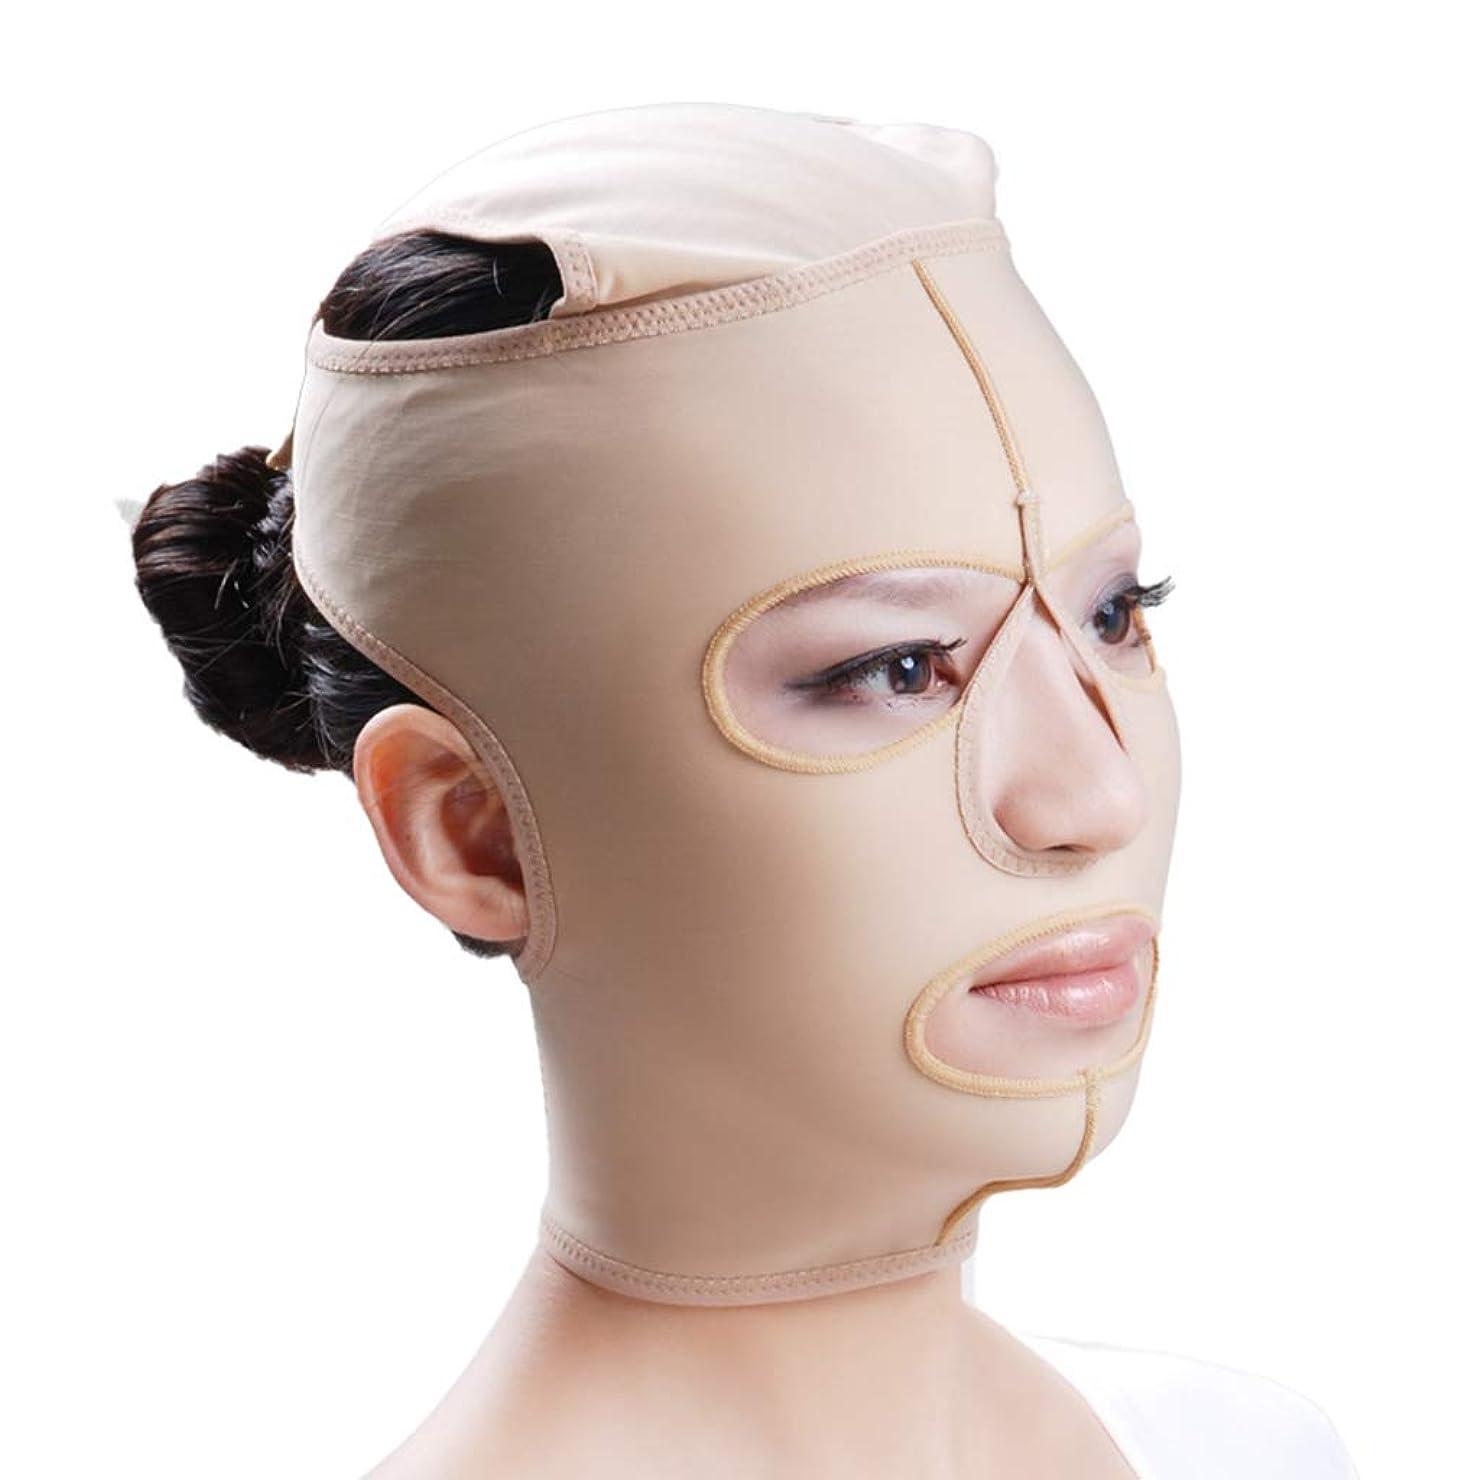 作者ハム空気XHLMRMJ フェイスリフトマスク、フルフェイスマスク医療グレード圧力フェイスダブルチンプラスチック脂肪吸引術弾性包帯ヘッドギア後の顔の脂肪吸引術 (Size : M)